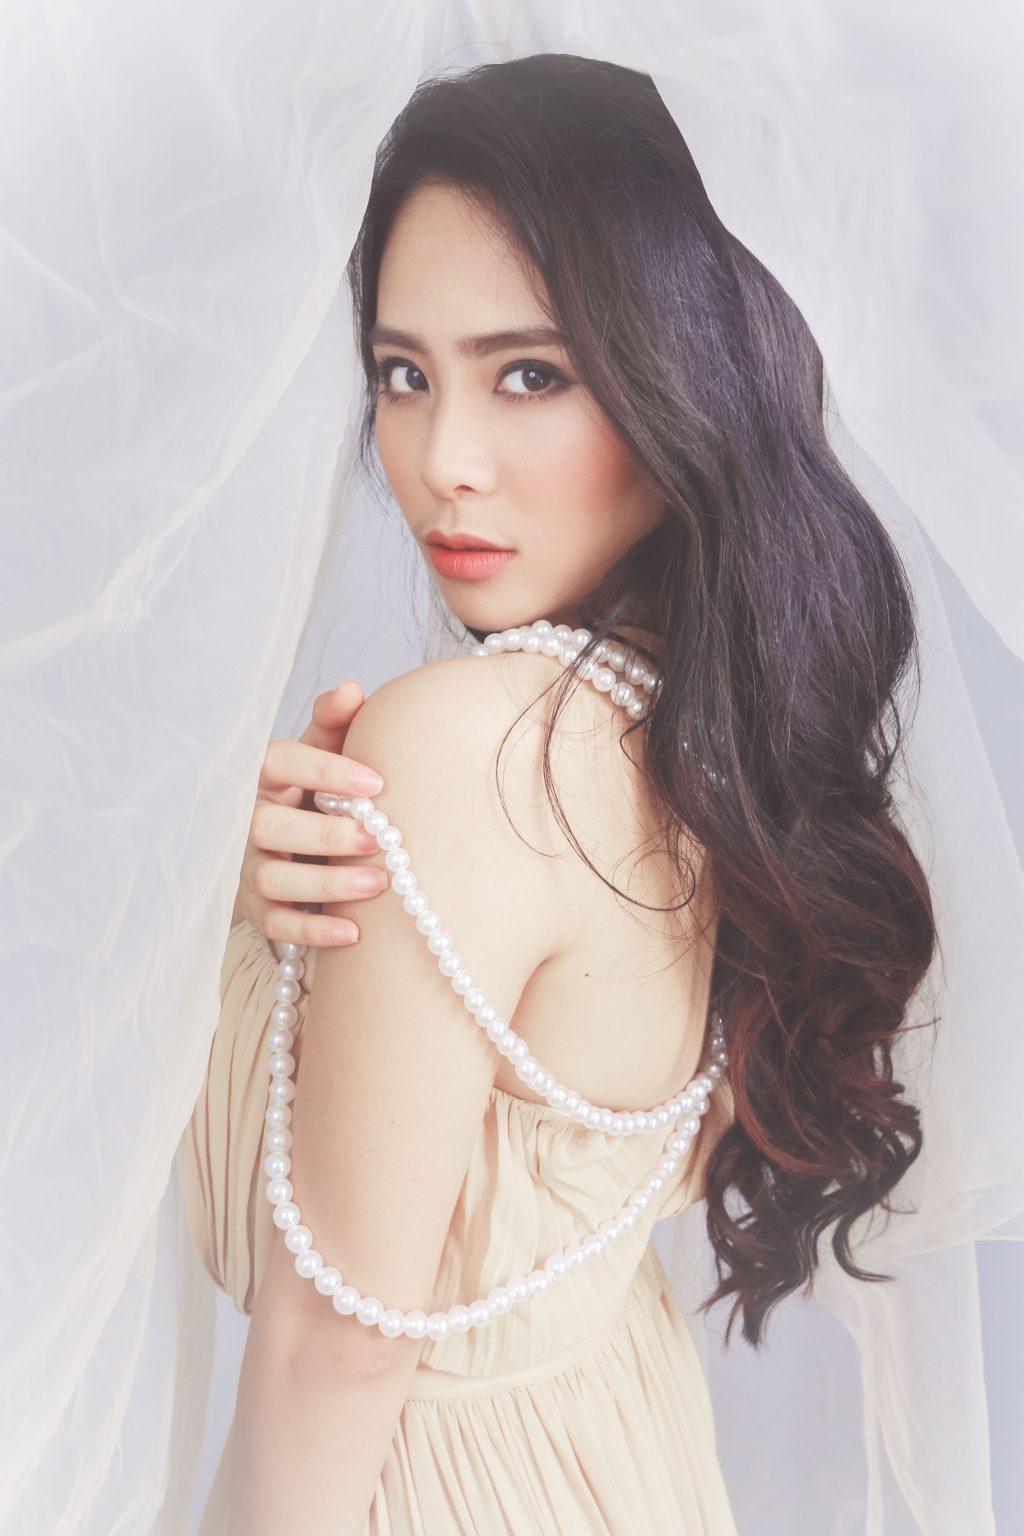 """Từ """"ca nương"""", Kiều Anh trở thành một """"ca - pop"""" đầy cá tính, mà dấu ấn đã được khẳng định tại Giọng hát Việt 2015."""